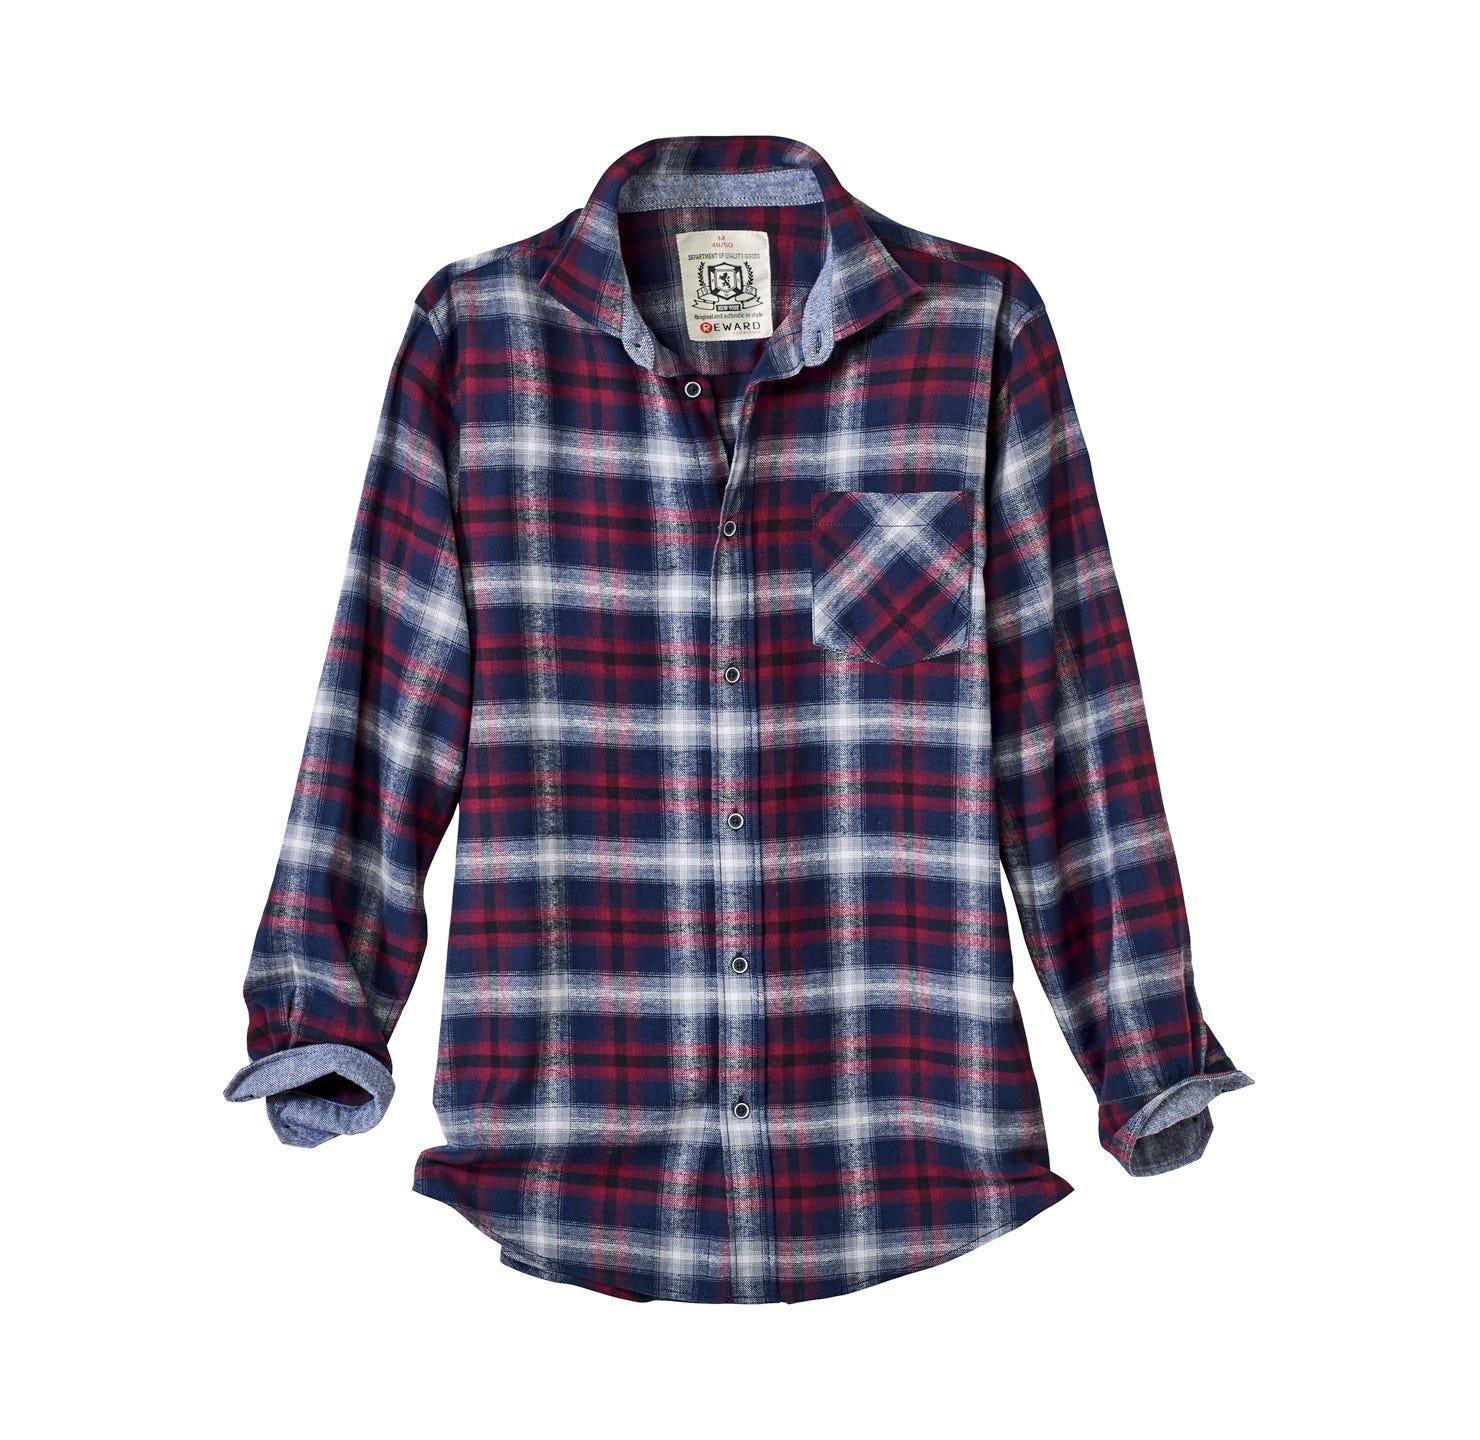 Flanellhemd In Herren Herren Verschiedenen Designs Flanellhemd In lKcJFT13